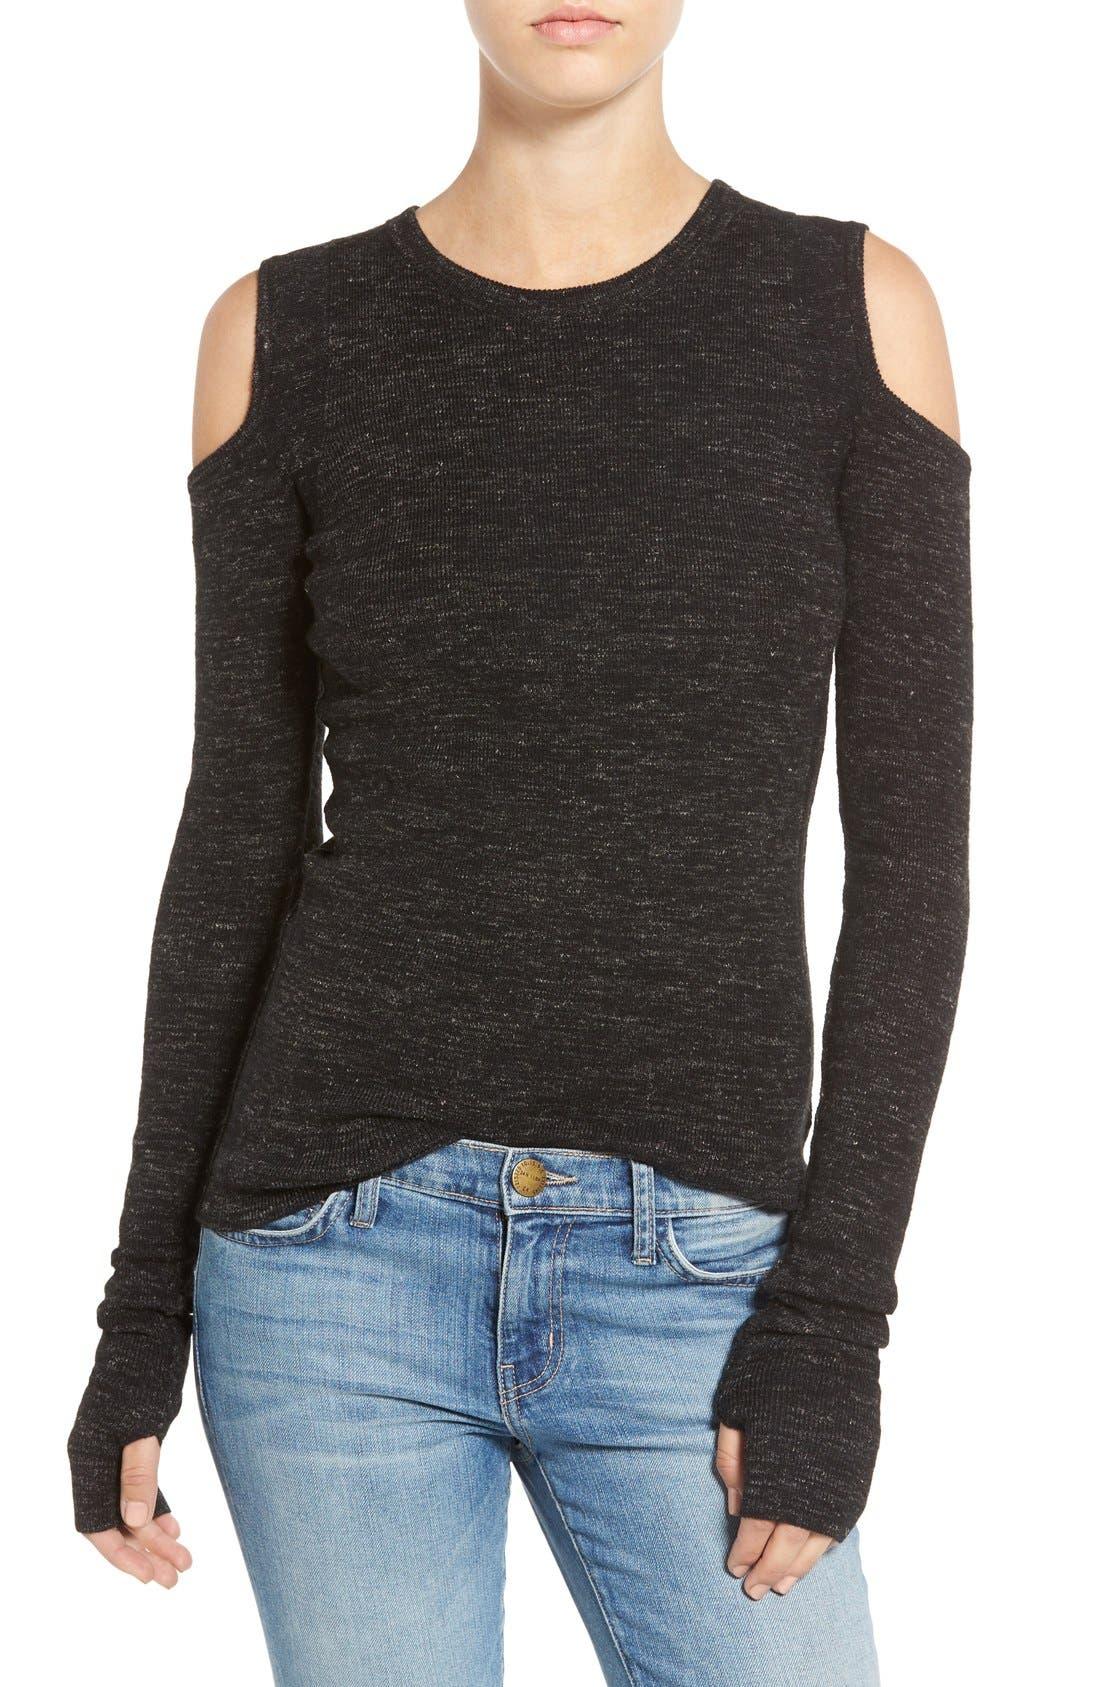 CURRENT/ELLIOTT The Mélange Cold Shoulder Wool & Linen Sweater